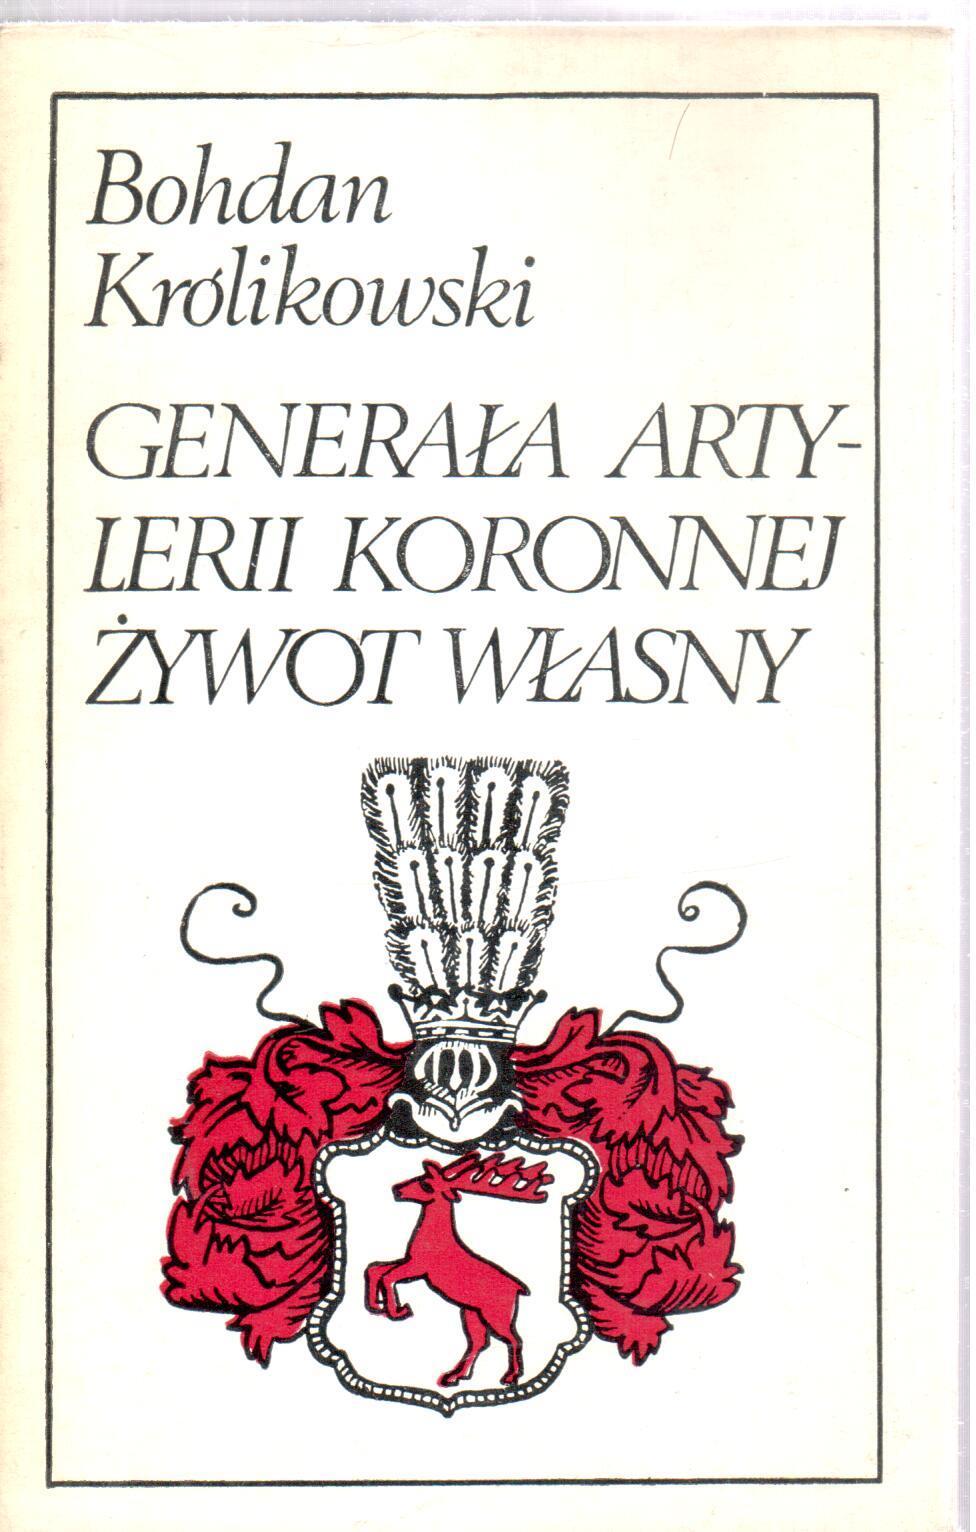 Generał Artylerii Koronnej żywot własny Królikowsk